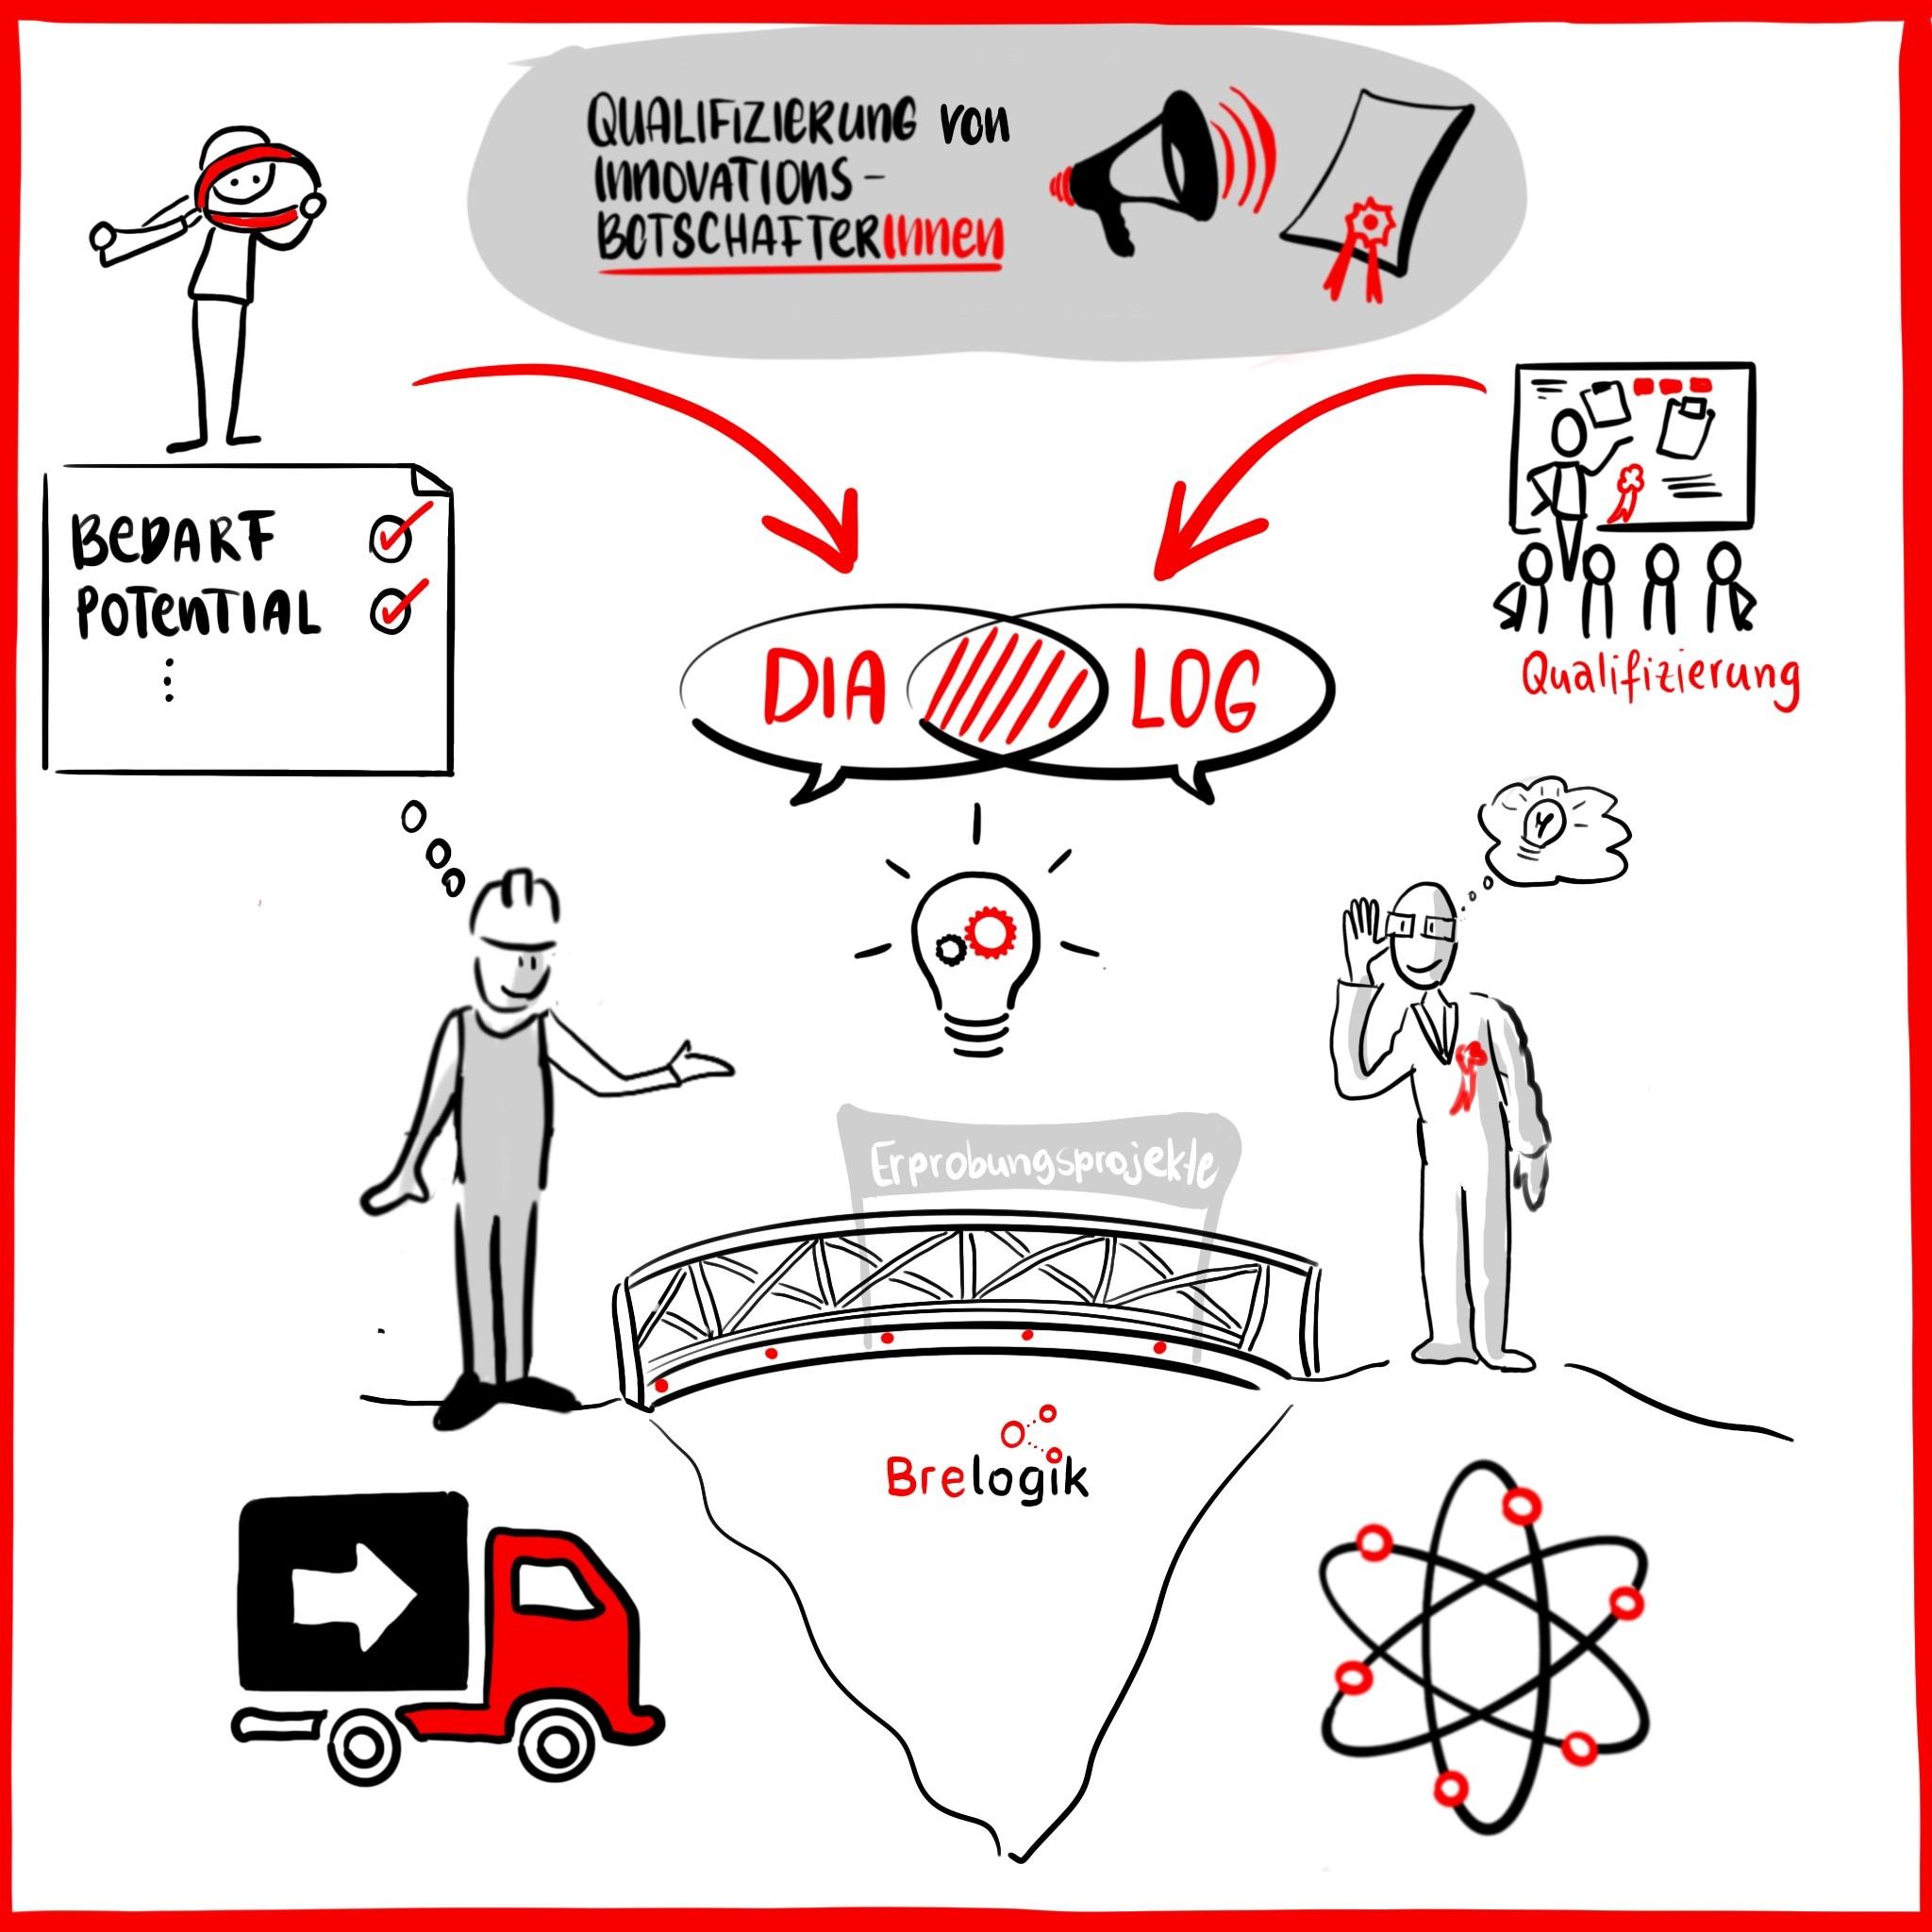 Qualifizierung von wissenschaftlichen Innovationsbotschafter:innen geht in die nächste Runde